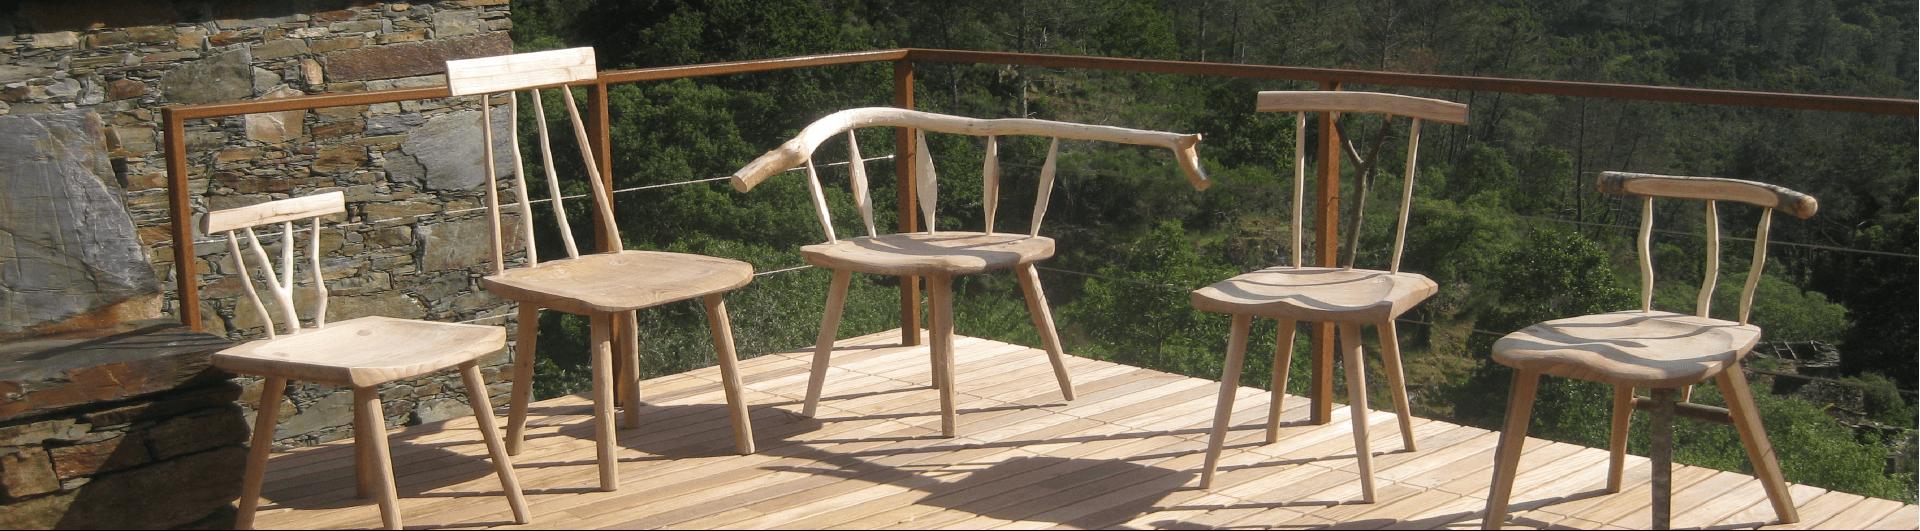 construa a sua cadeira peter lanyon